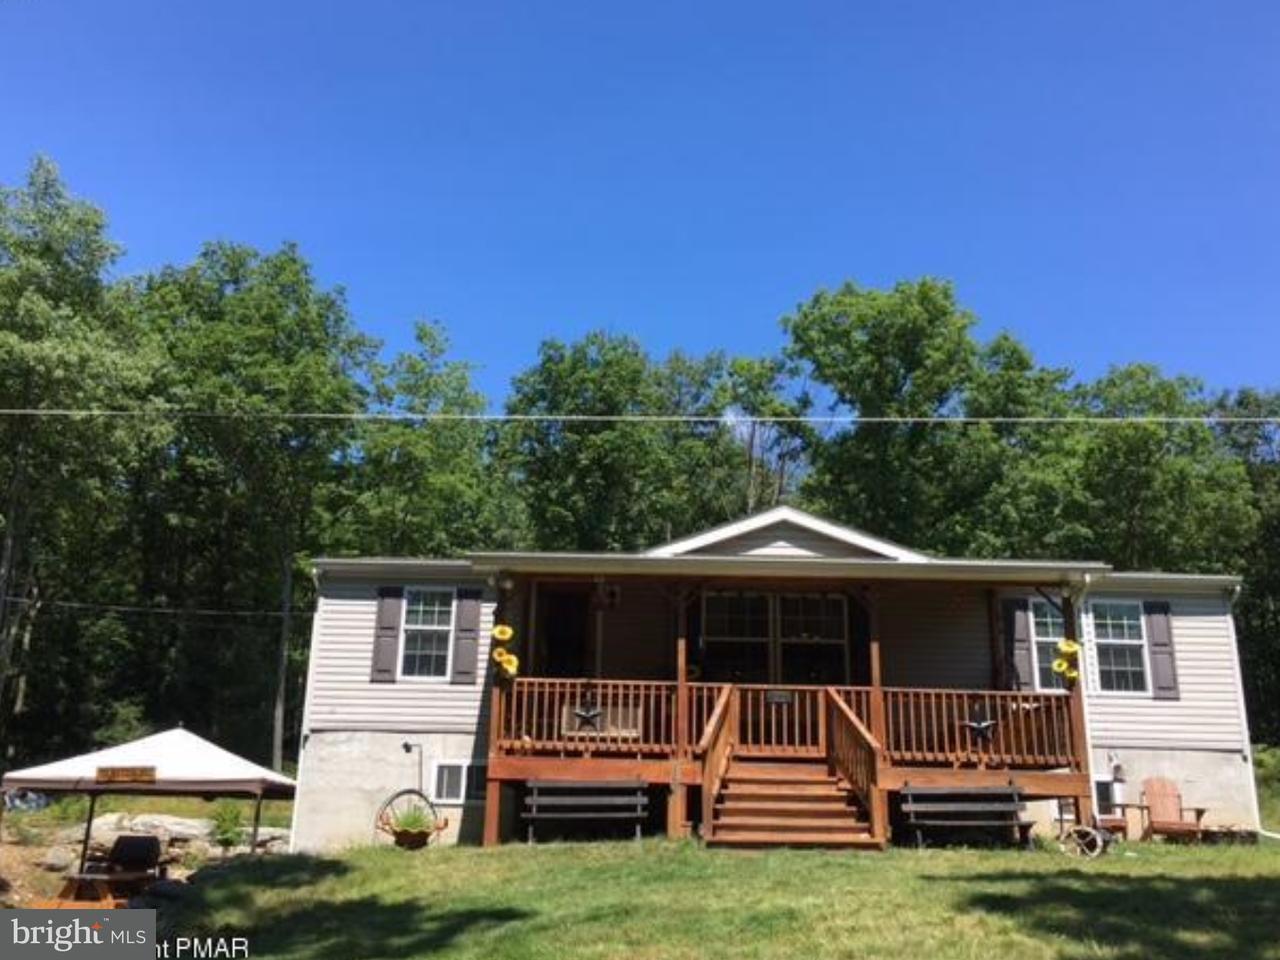 Частный односемейный дом для того Продажа на 296 BEAR CREEK Drive Jim Thorpe, Пенсильвания 18229 Соединенные Штаты